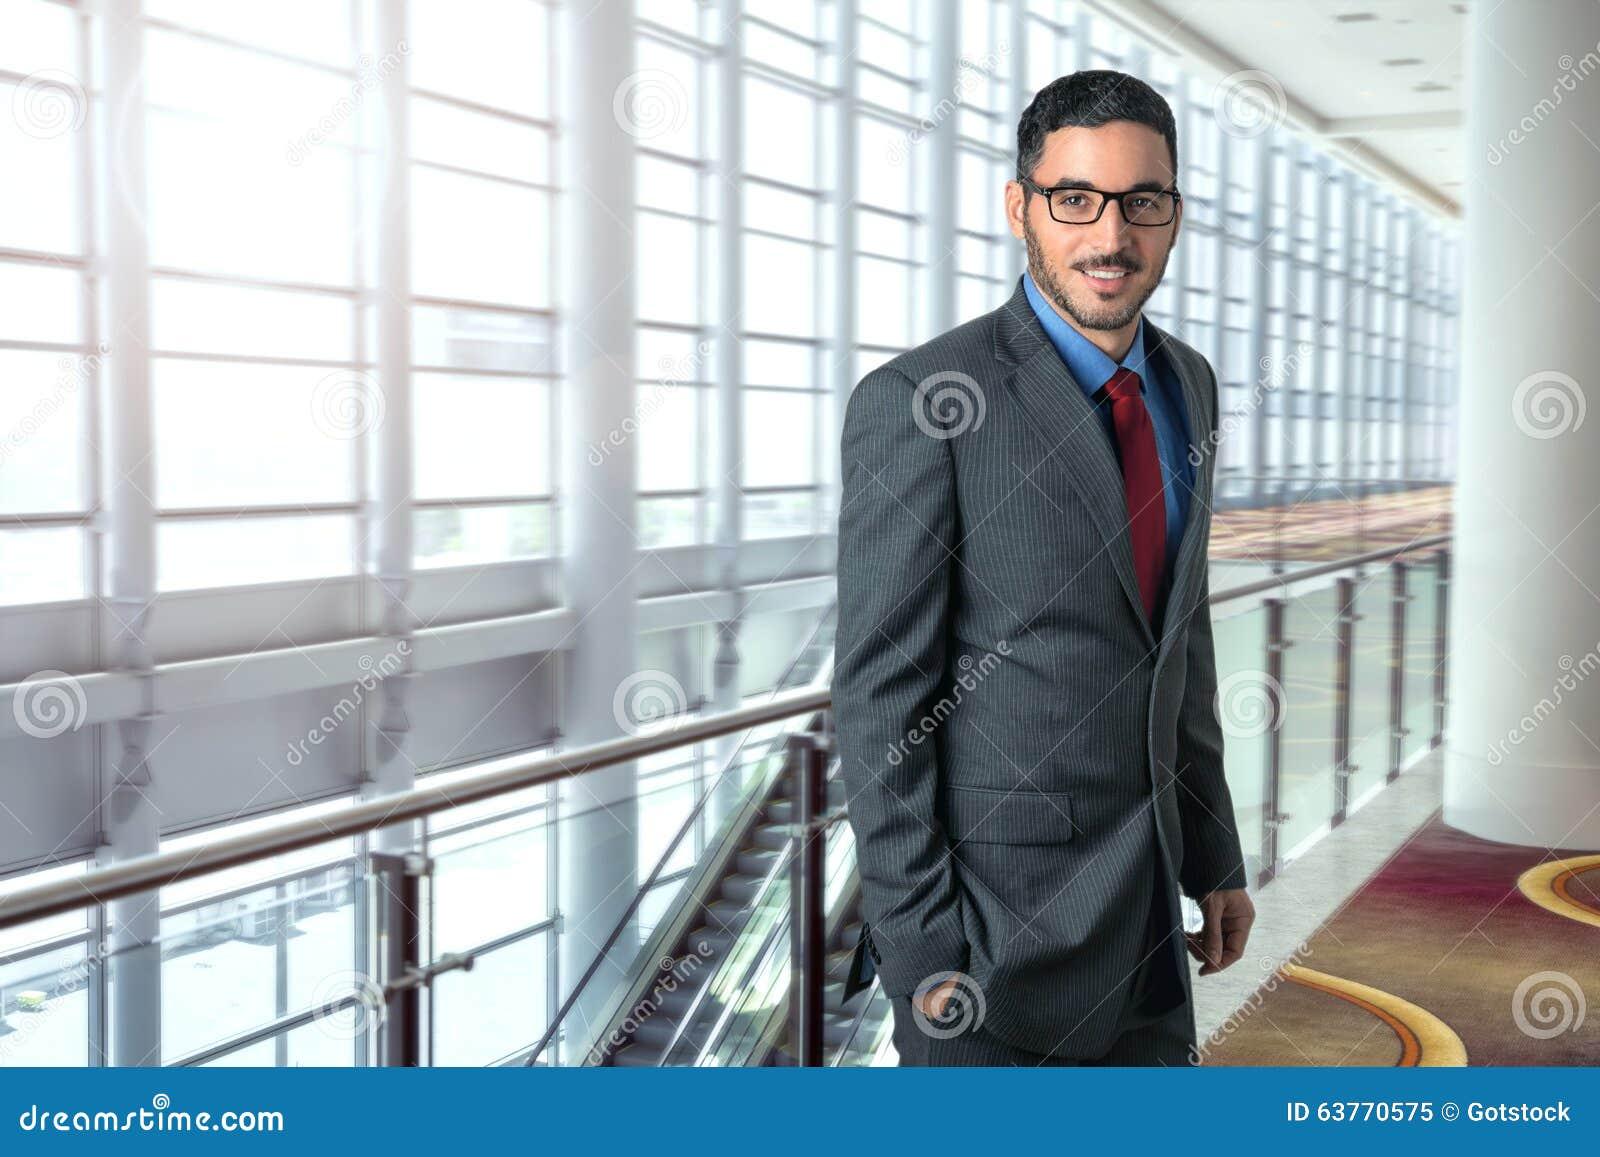 Resande skarp lyckad säker stående för affärsman i ledare för vd för flygplatskontorsarbetsplats